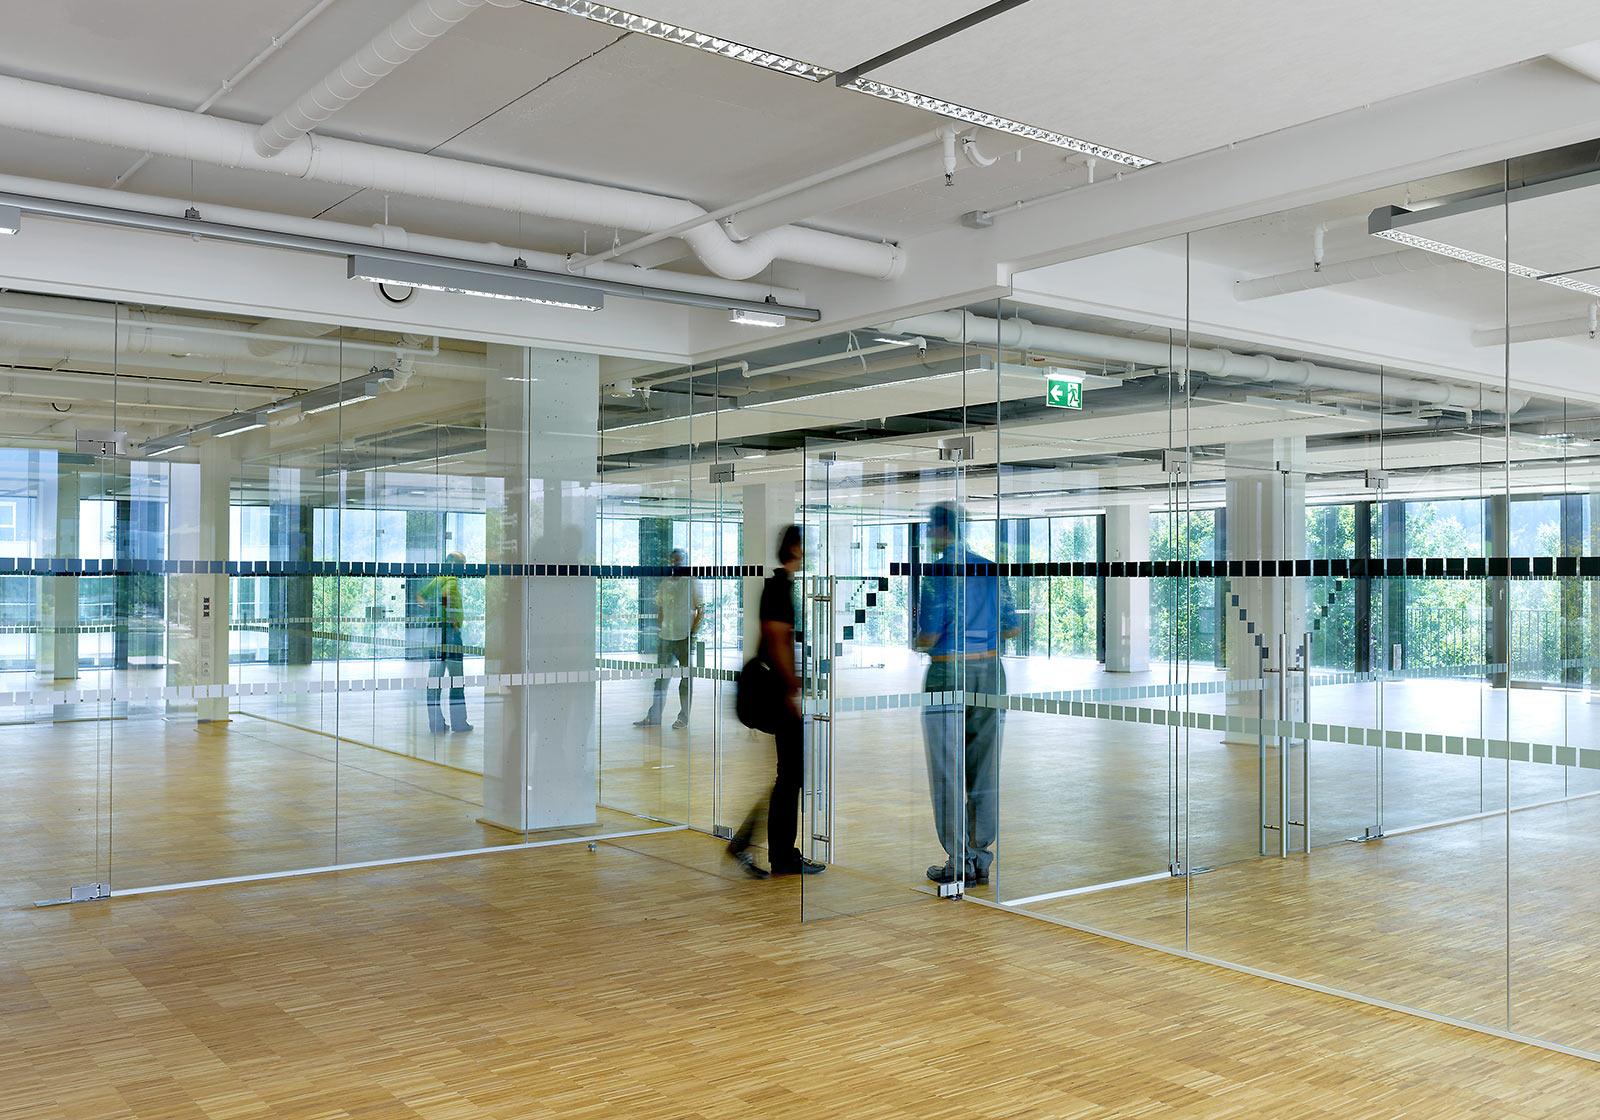 Raumhohe Verglasung, offene Decken und großzügige Raumkonfigurationen in den neuen Studios. Foto: ATP/Jantscher